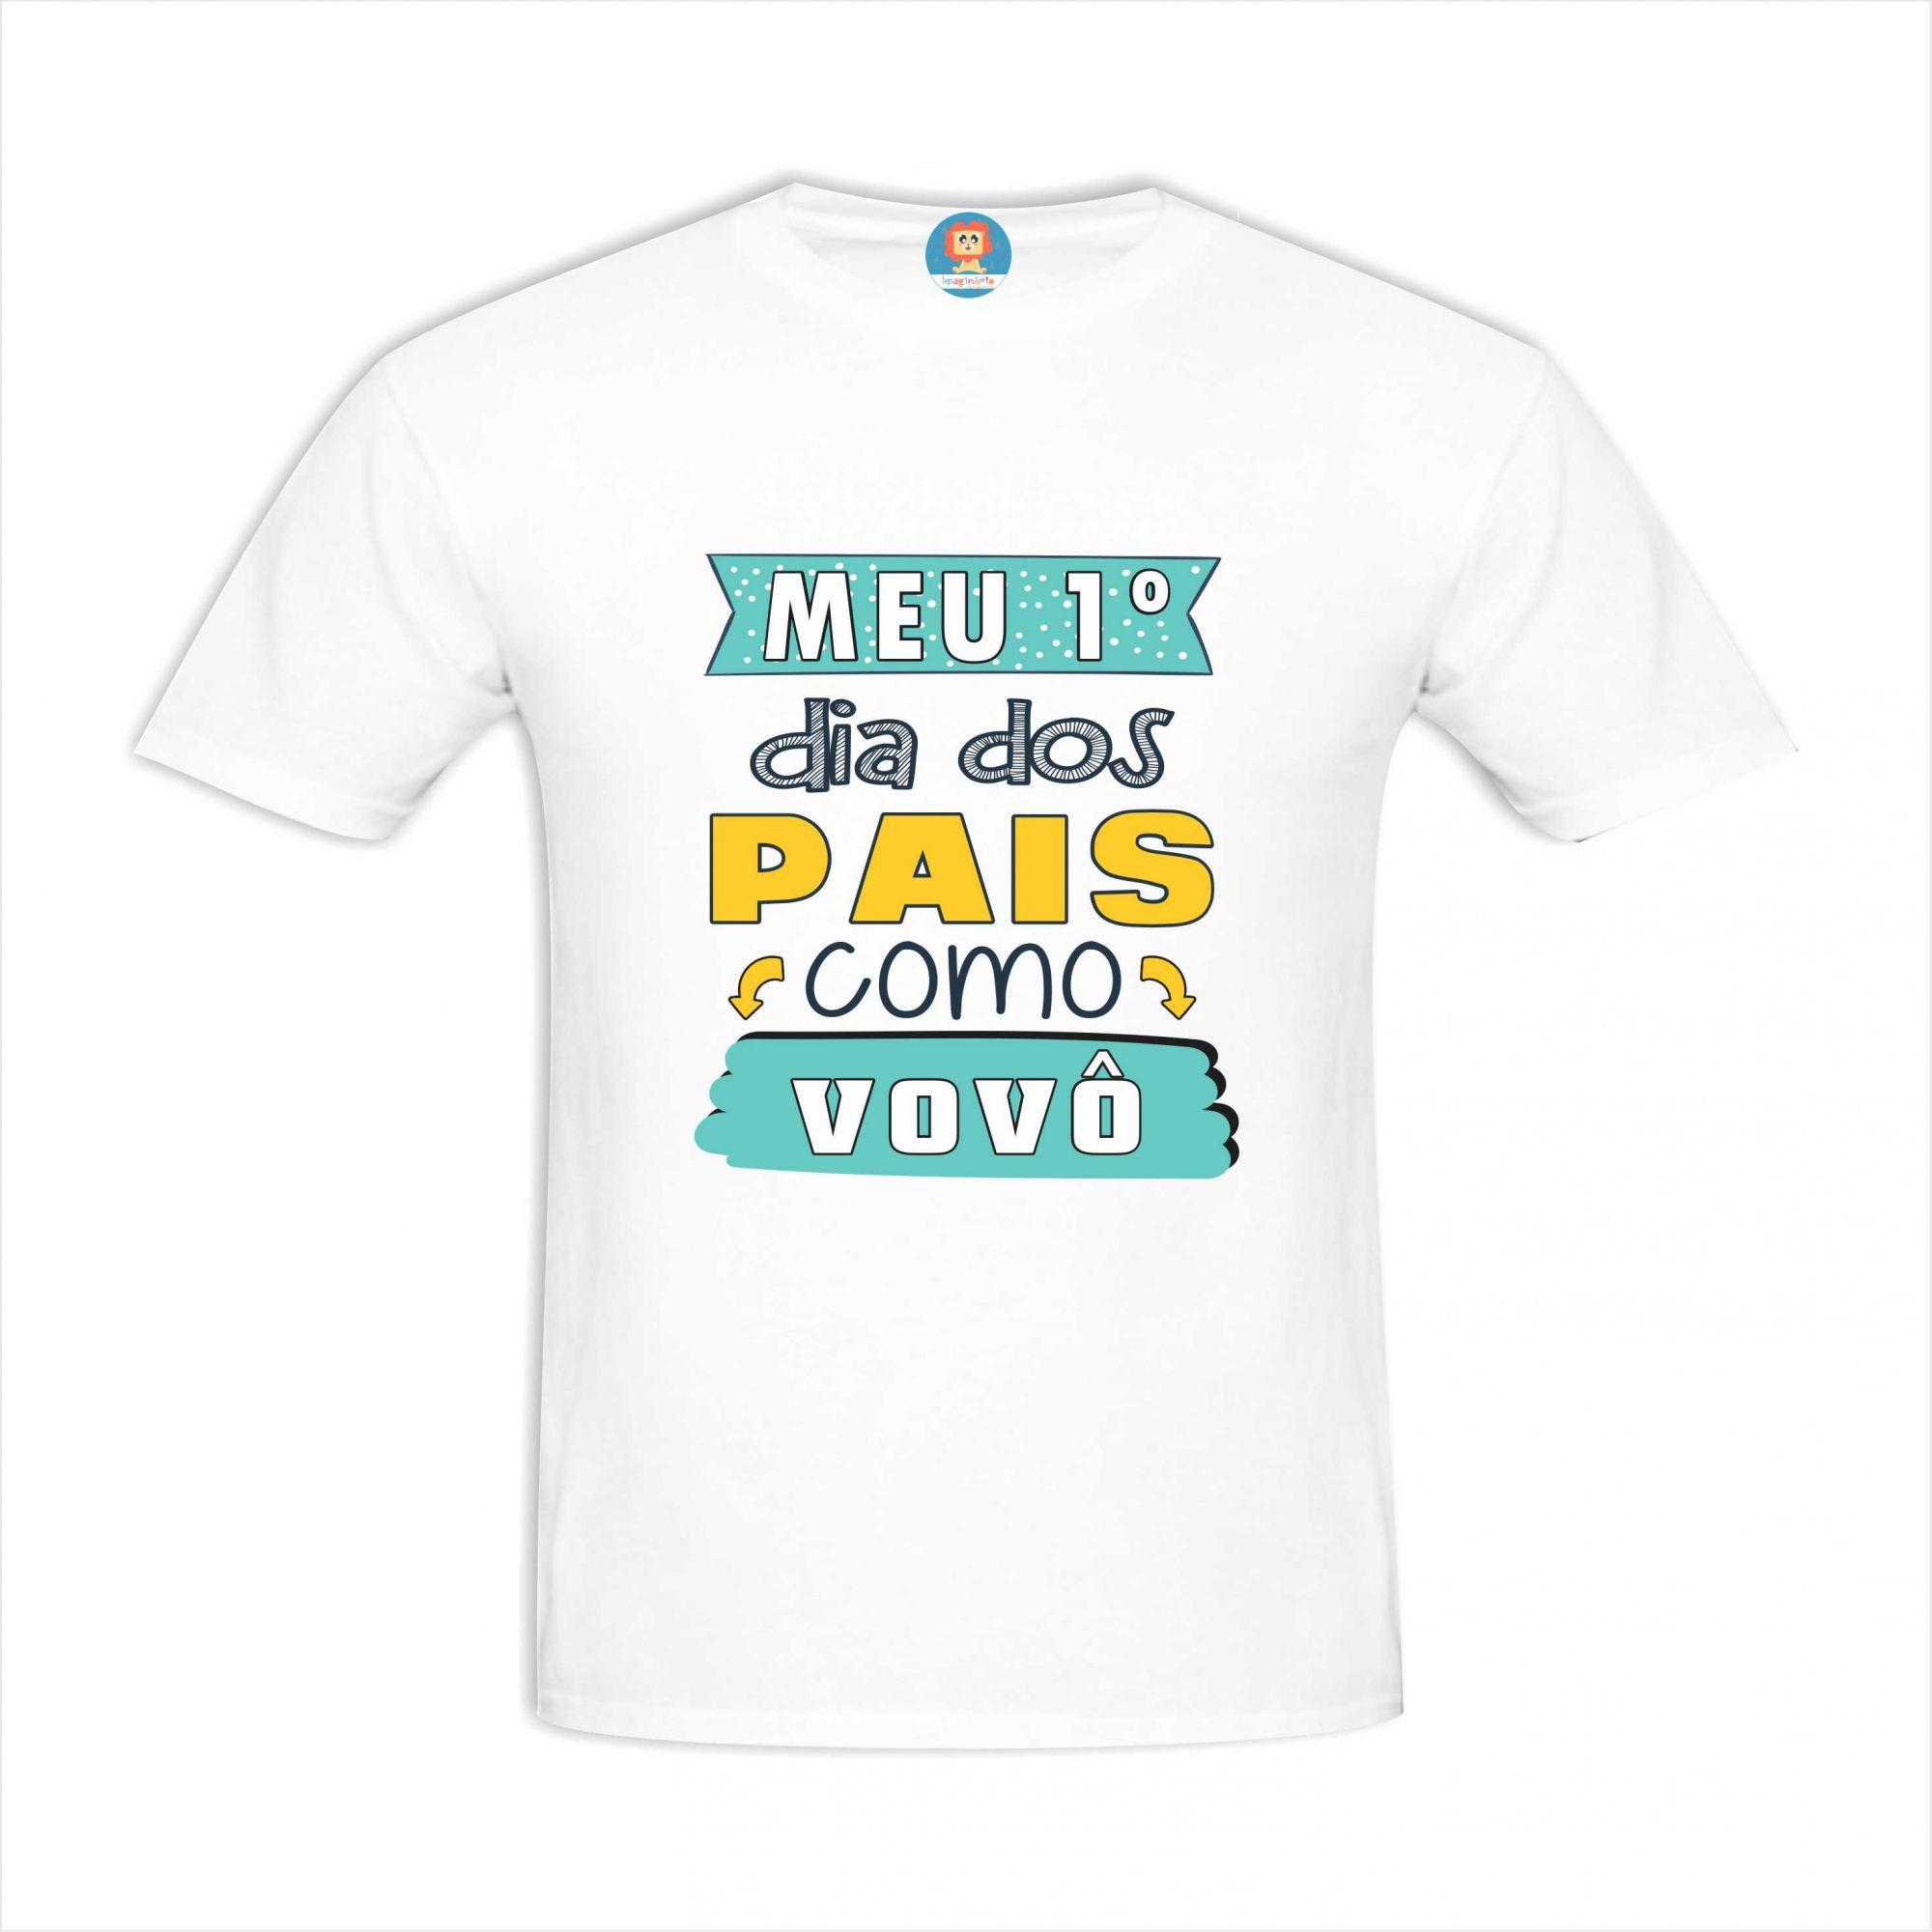 Camiseta Meu Primeiro Dia dos Pais como Vovô